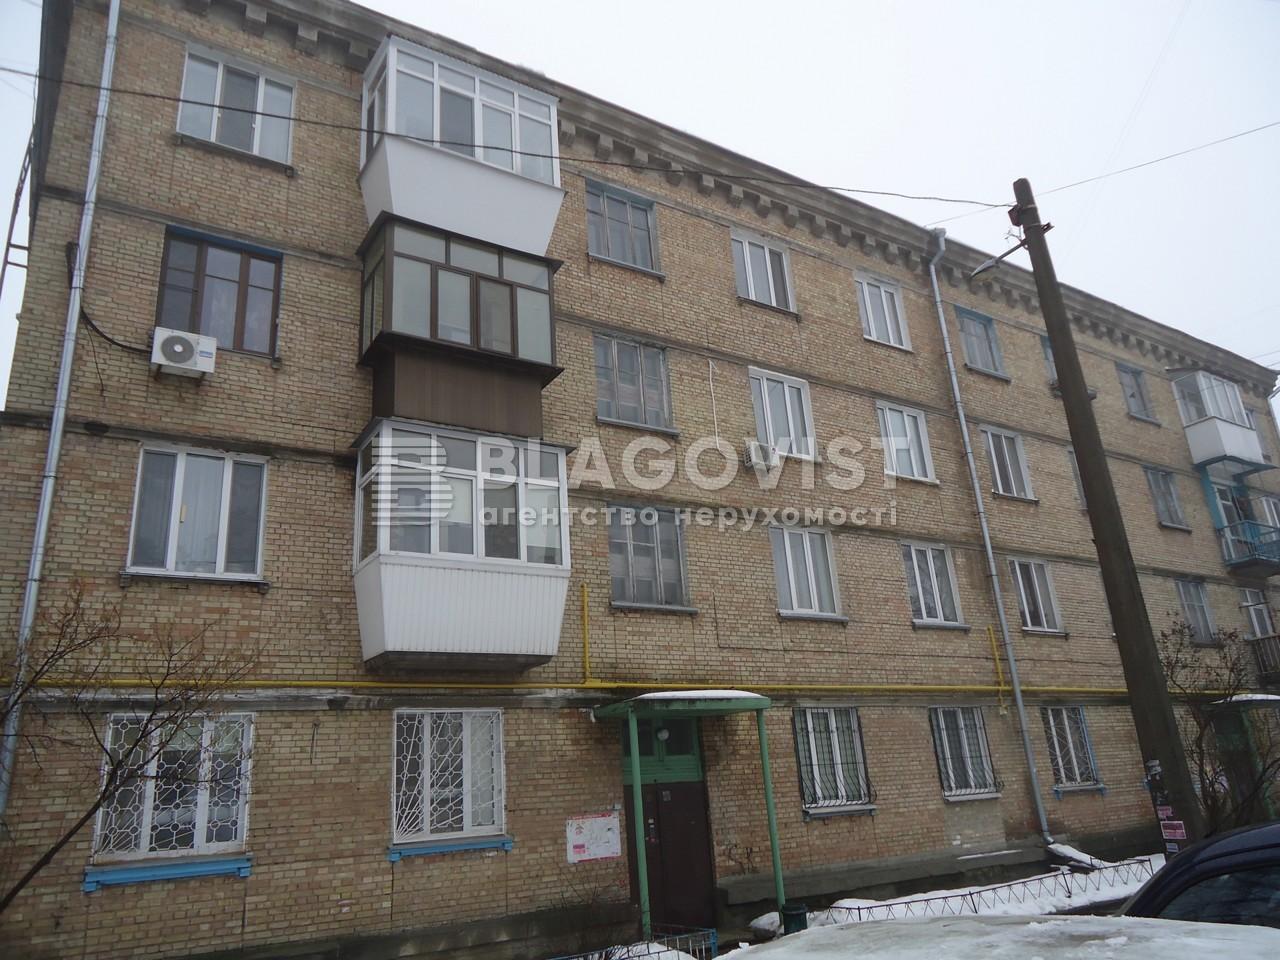 Квартира F-45225, Попова Александра, 3/5 корпус 7, Киев - Фото 3